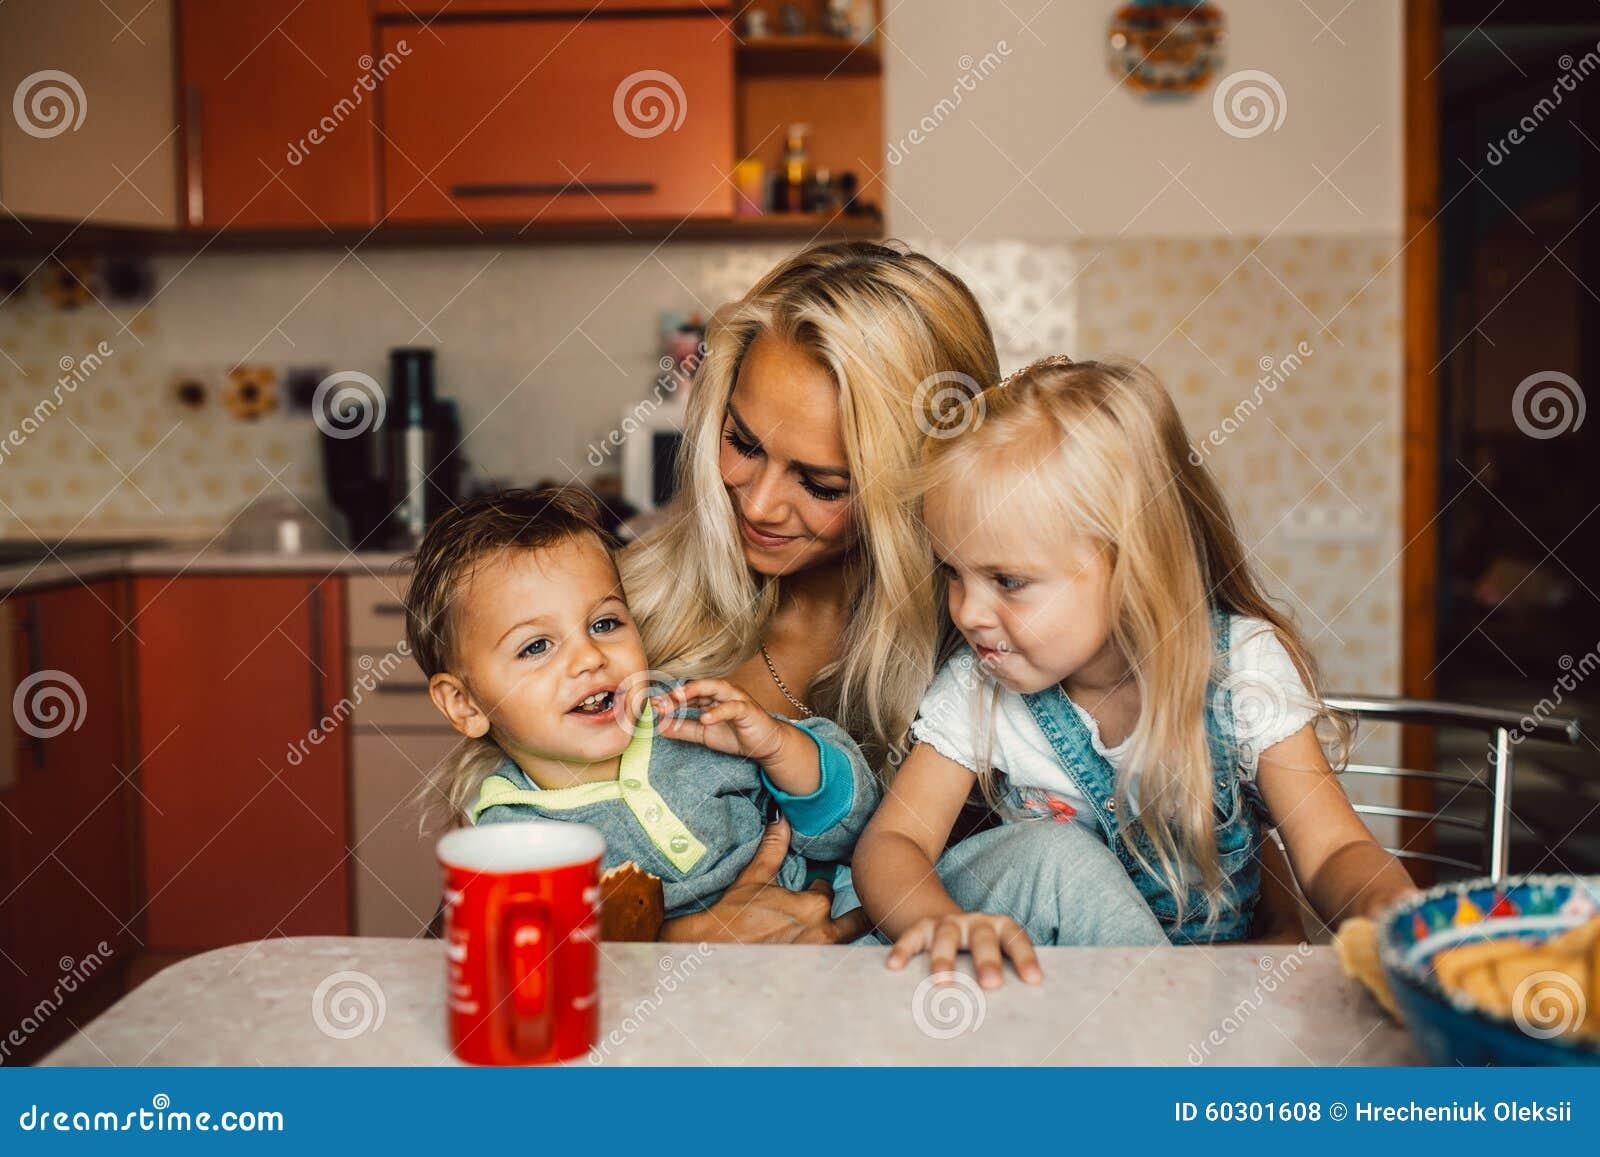 Mather mit kindern stockfoto bild von leben familie for Minimalistisch leben mit kindern